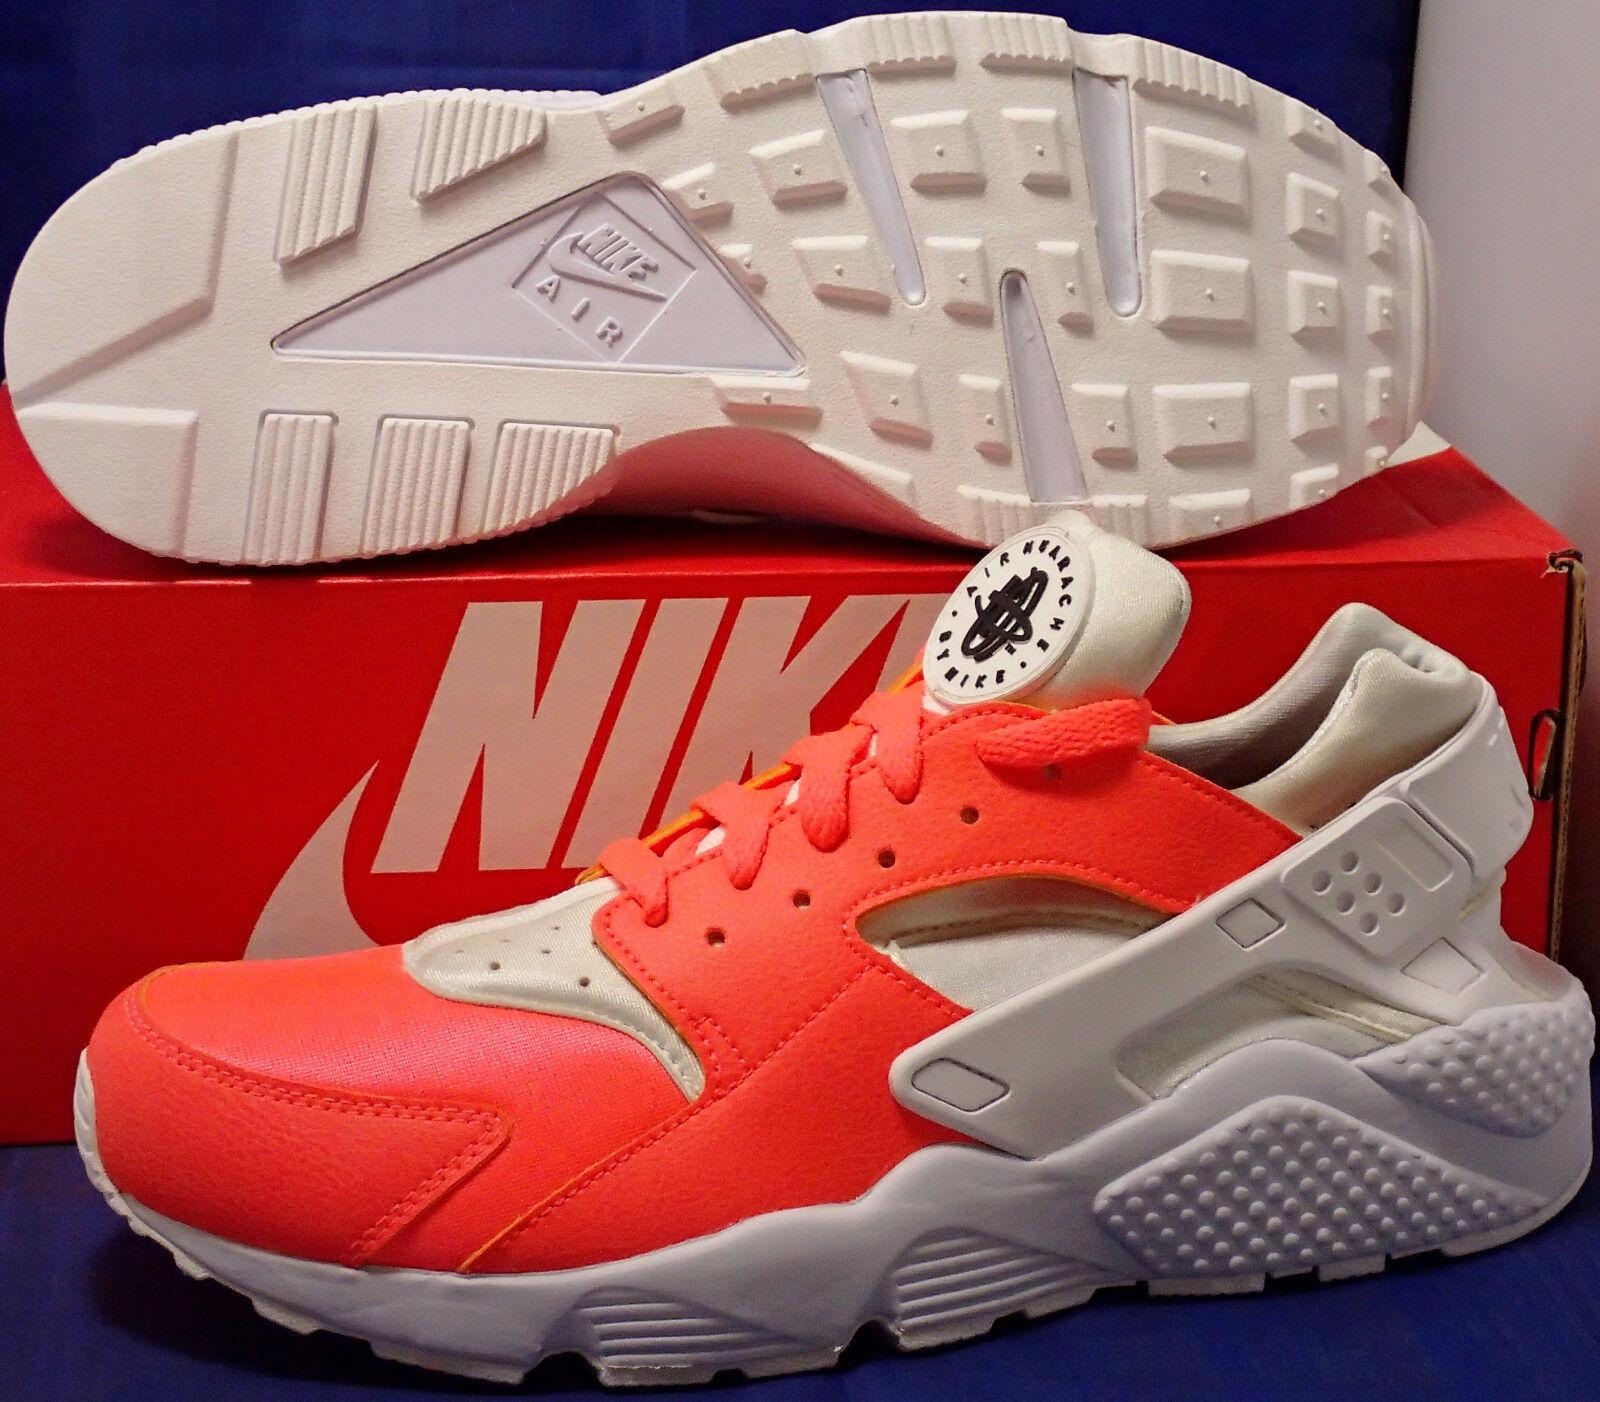 Nike Air Huarache SZ bianca Run iD bianca SZ Hot Lava SZ Huarache 10.5 ( 777330   630a68